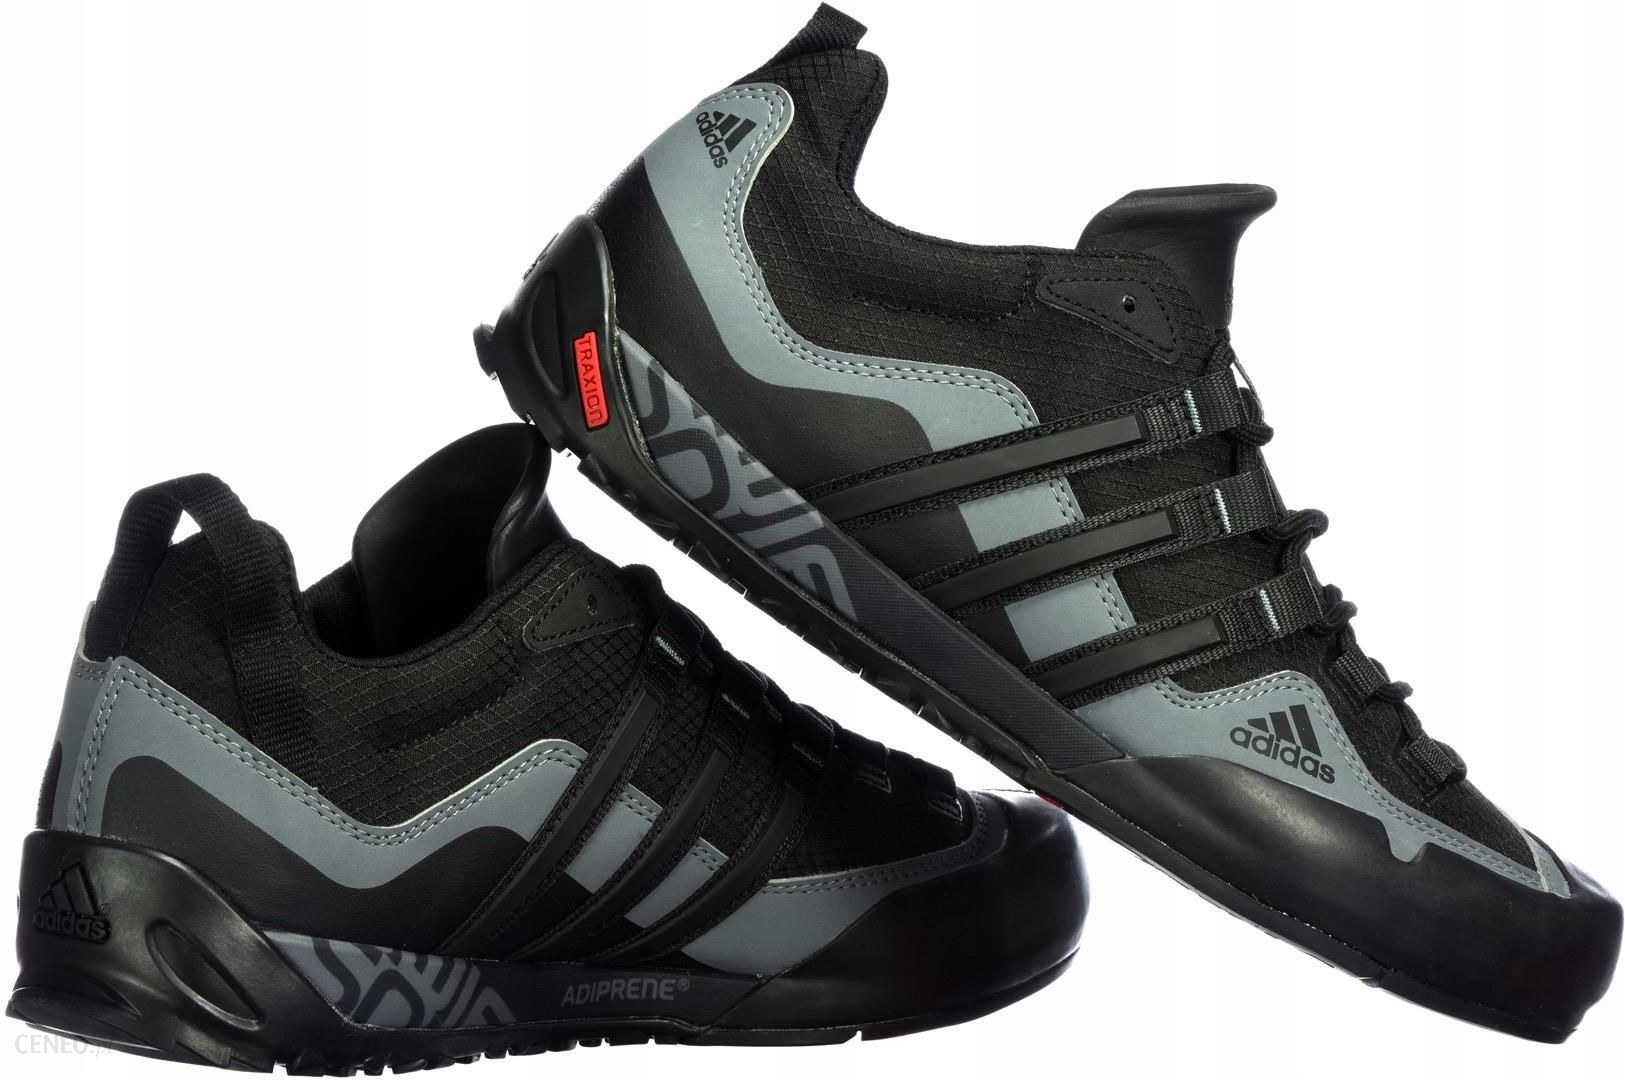 Buty adidas Terrex Swift Solo D67031 42 23 Ceny i opinie Ceneo.pl